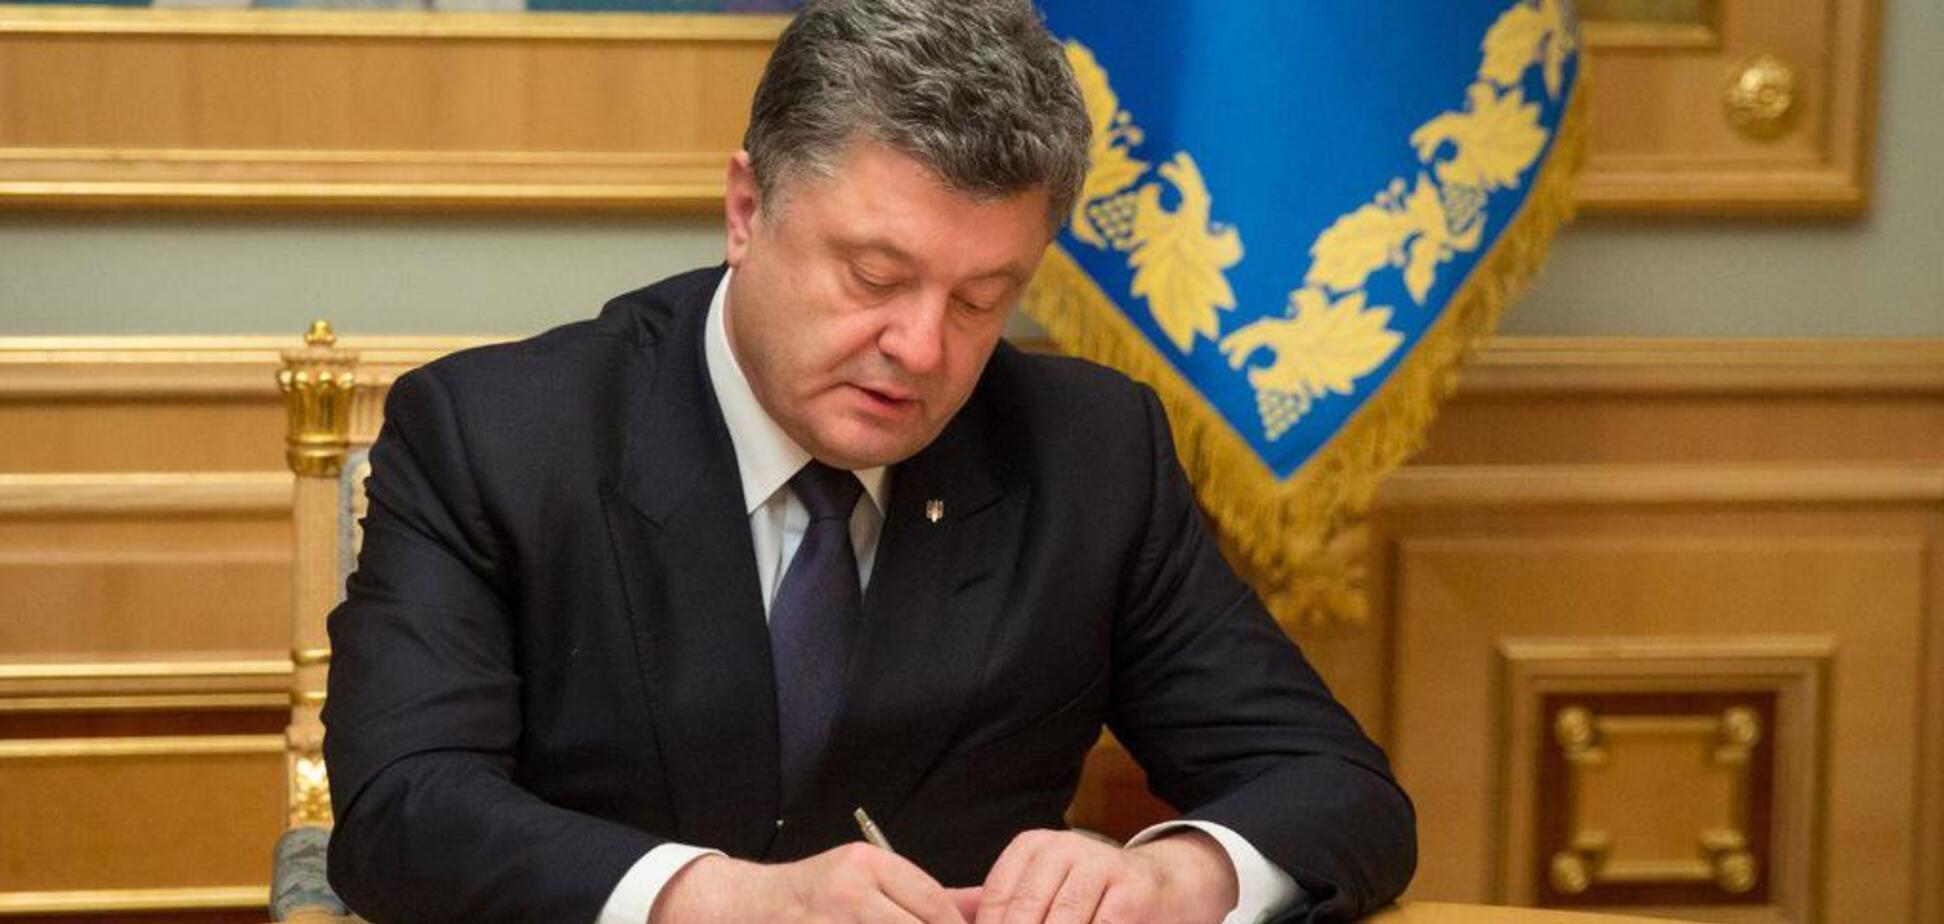 Воєнний стан в Україні: Порошенко підписав указ